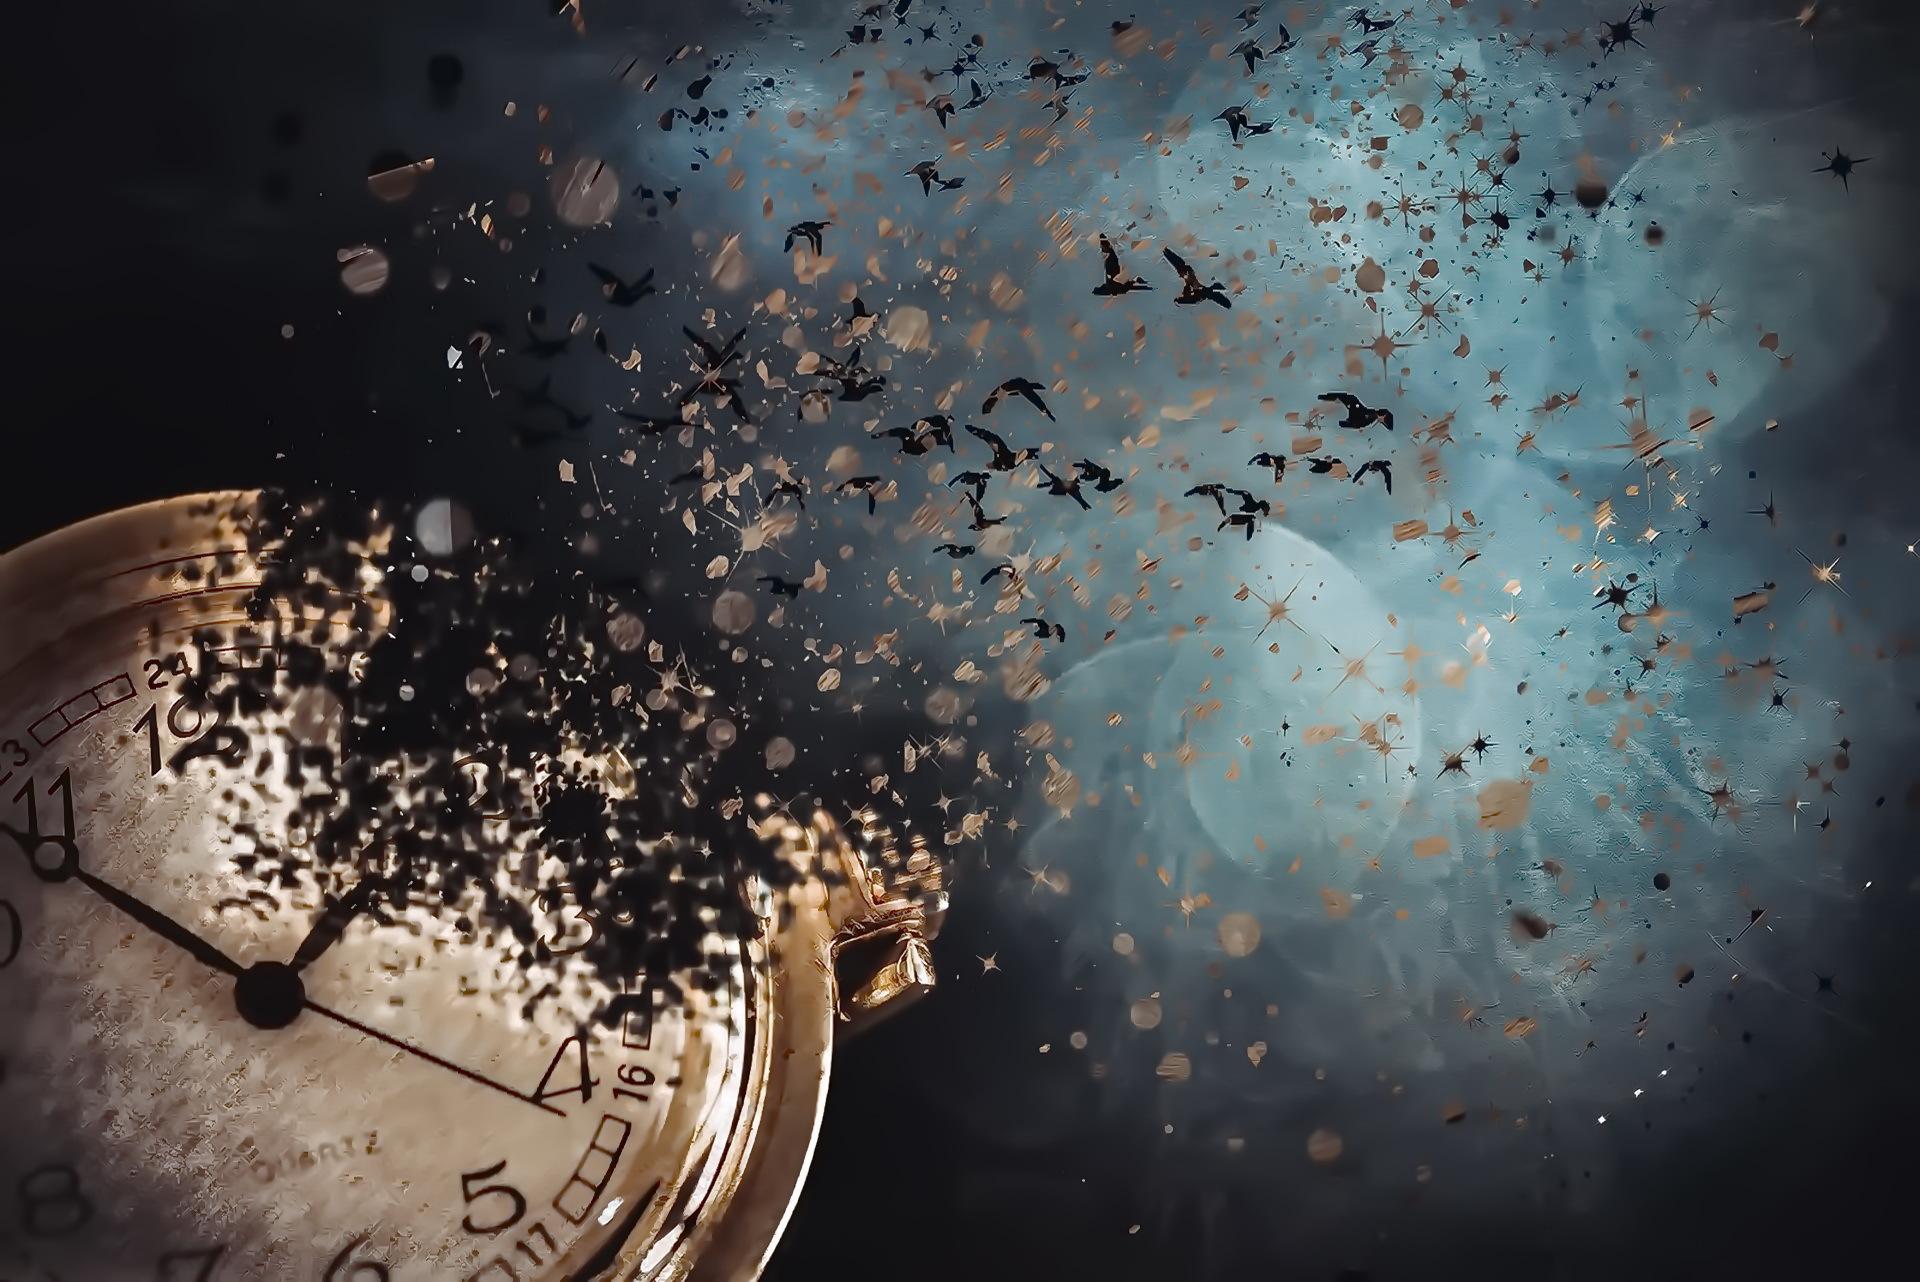 время уходит картинки